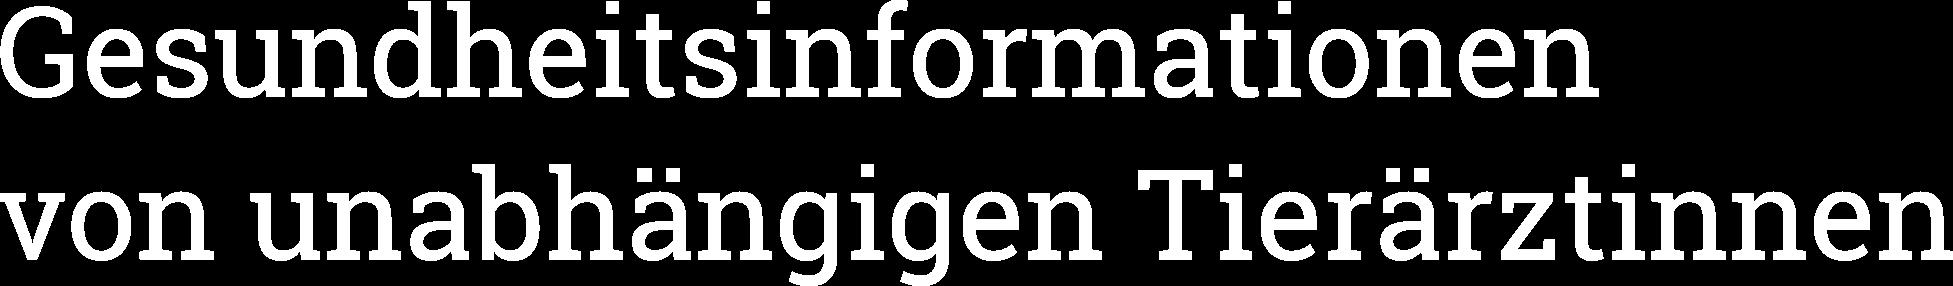 Gesundheitsinformationen von unabhängigen Tierärztinnen